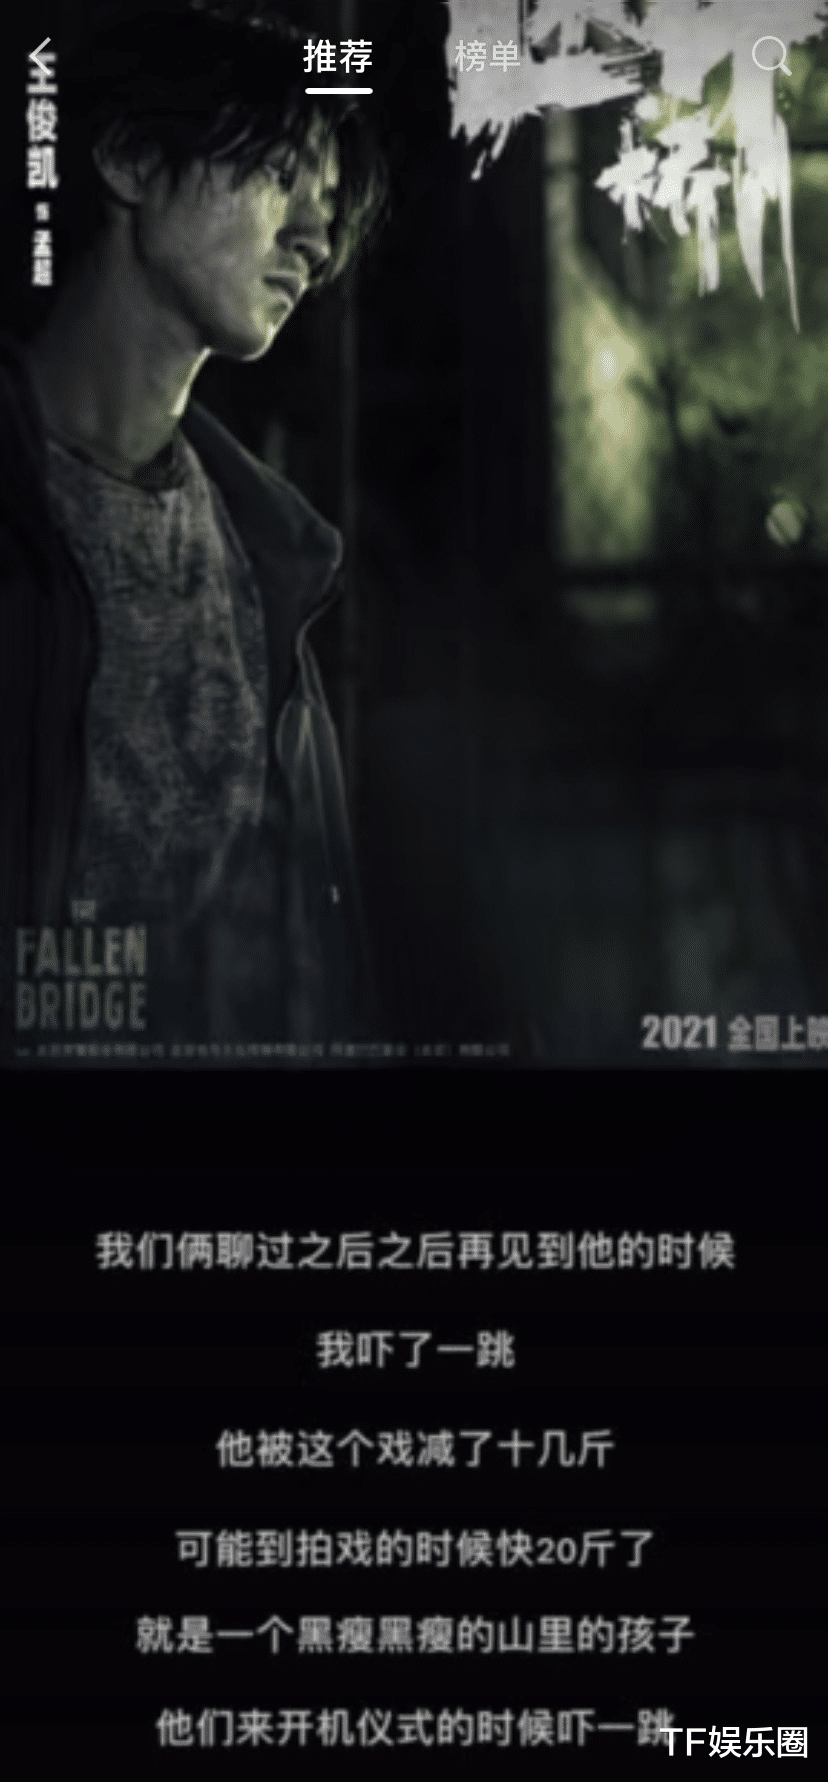 李玉谈《断桥》选王俊凯的原因,并不排斥流量,还表扬了队友千玺